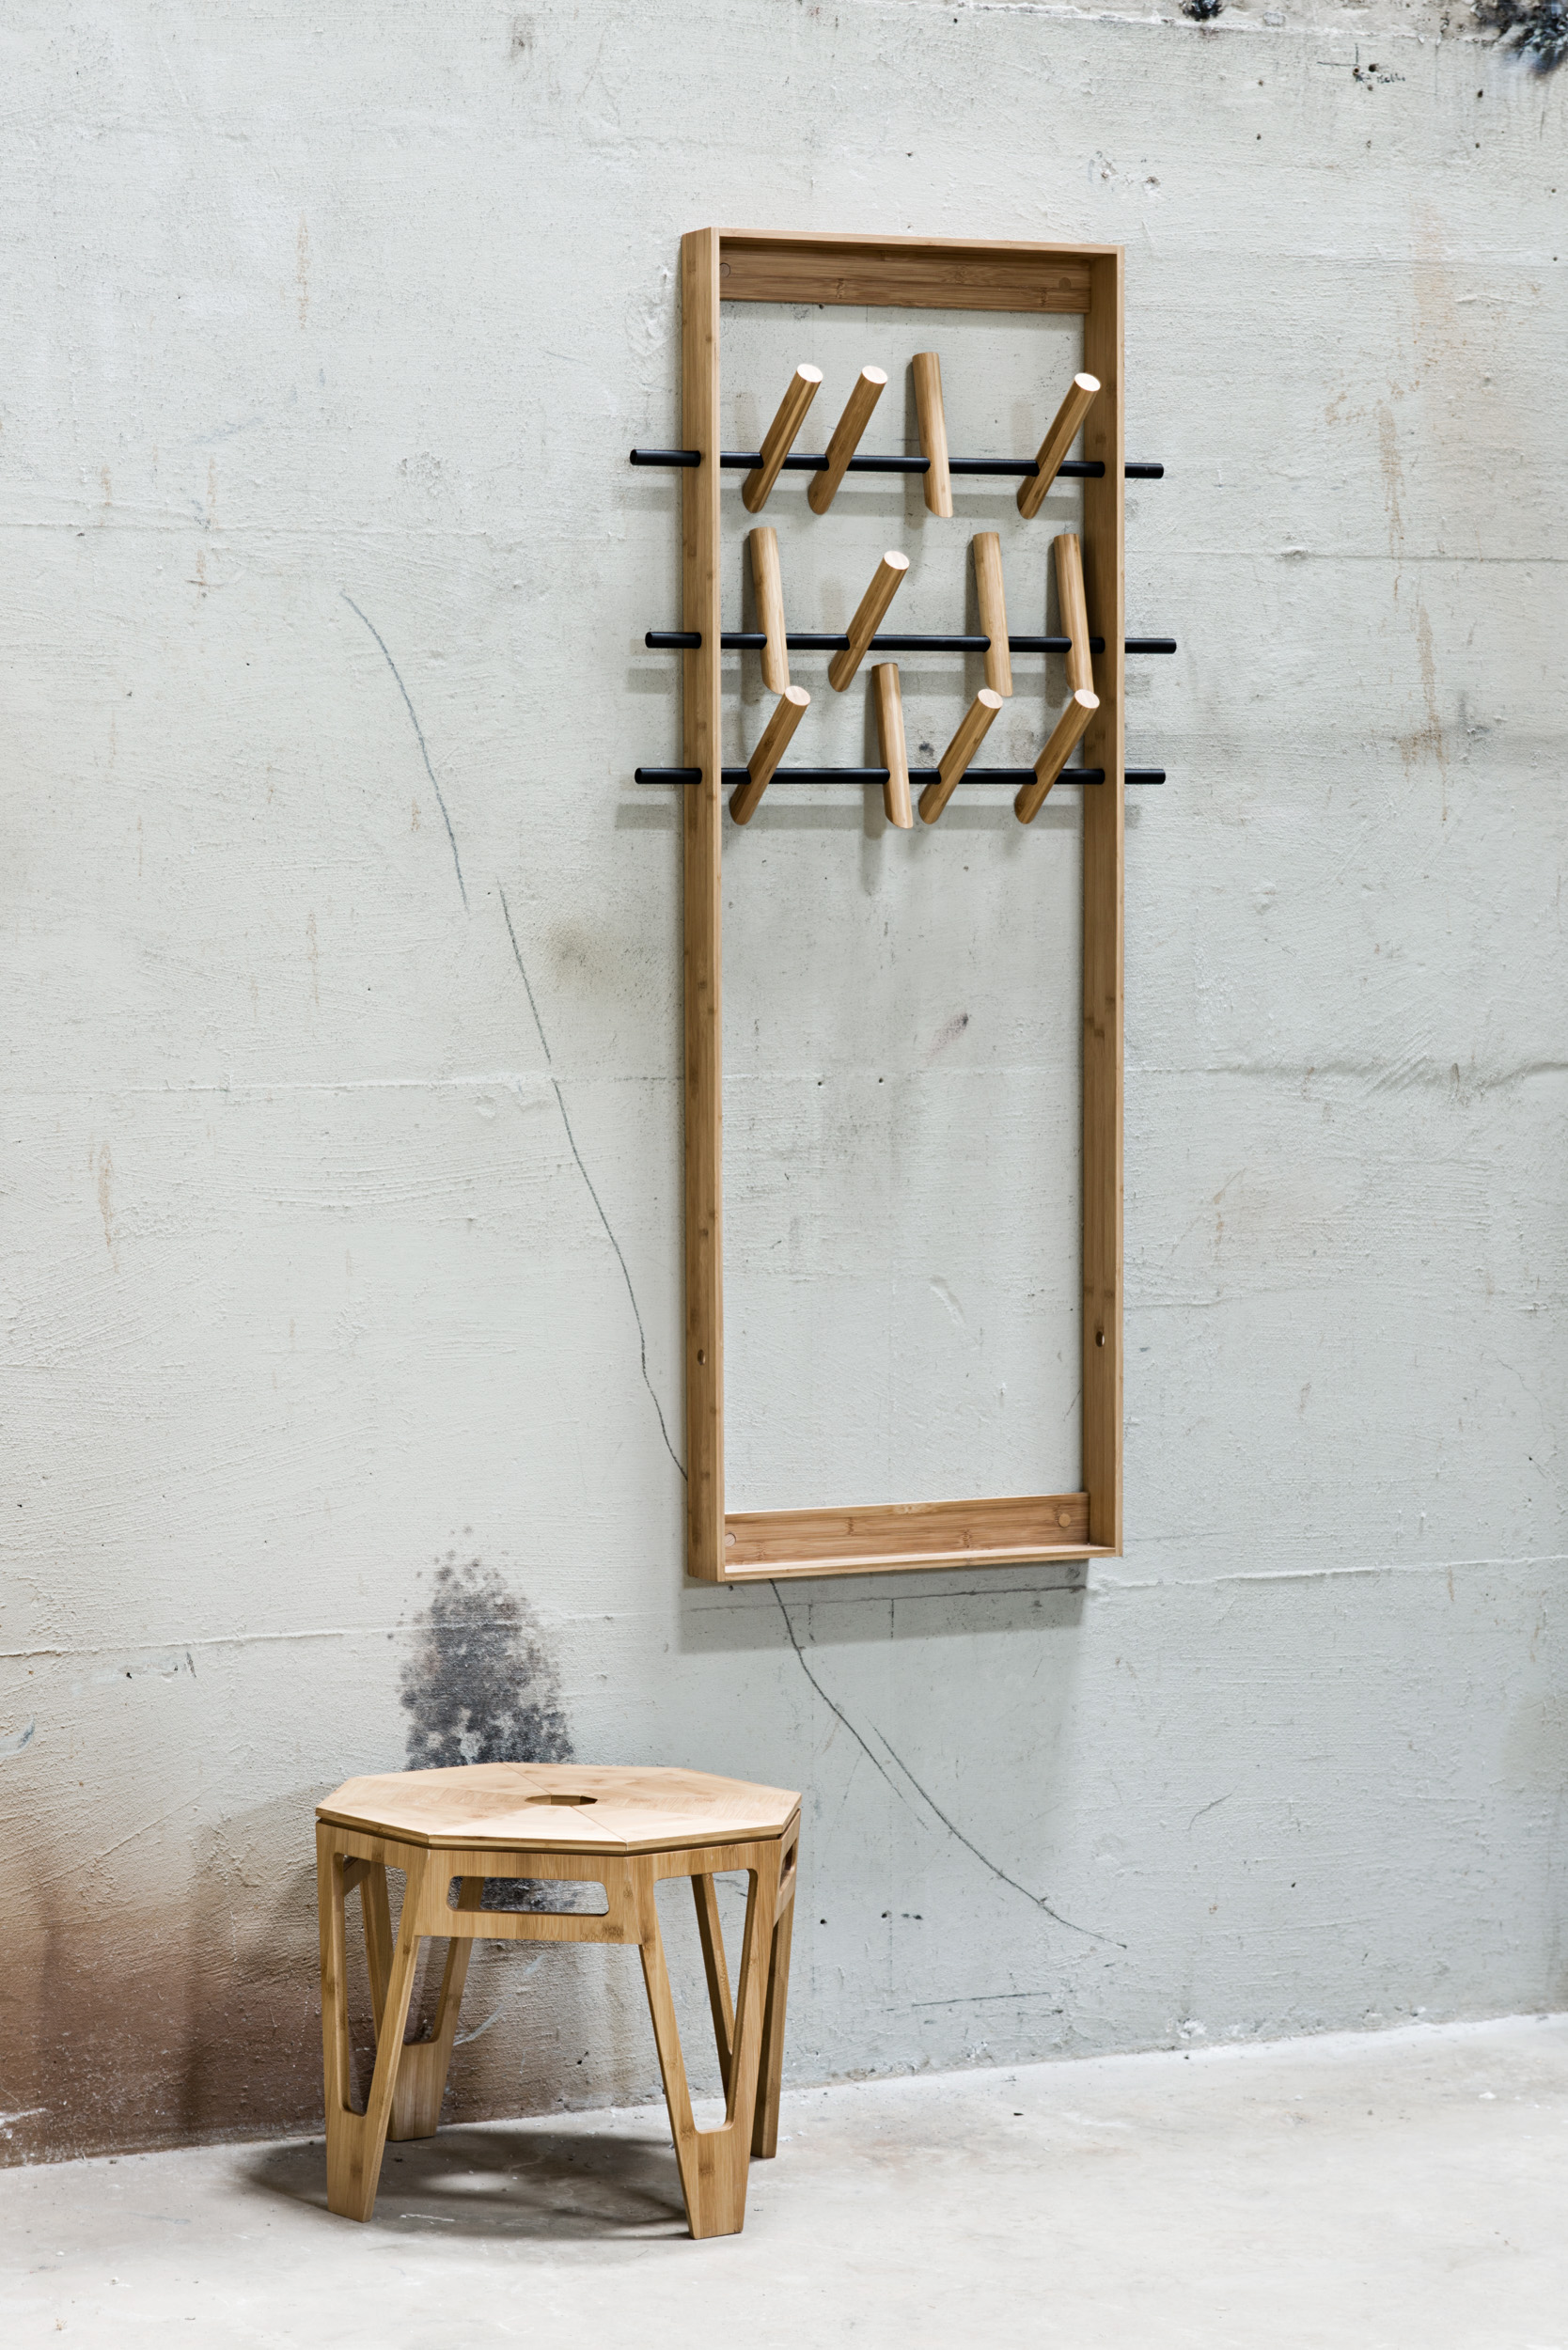 Garderobe COAT FRAME von We Do Wood ist Möbelstück und Kunstwerk in Einem.